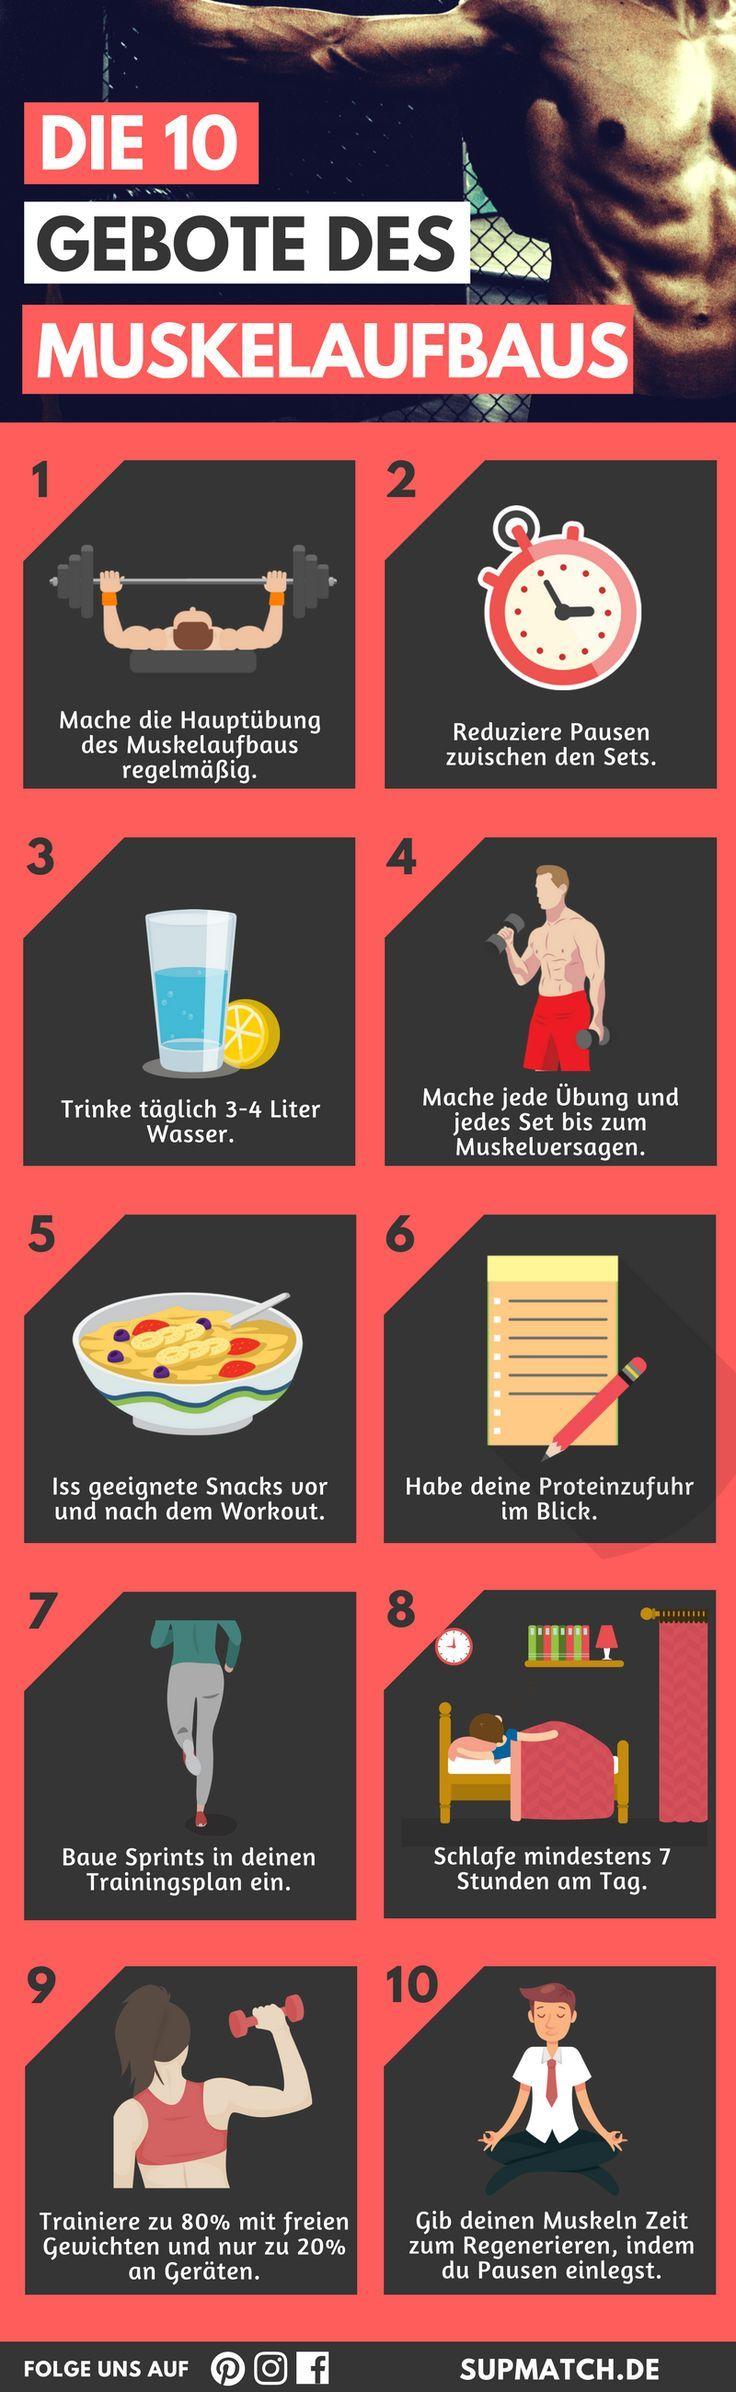 10 Gebote des Muskelaufbaus – Verbessere deine Fitness und fördere vom Muskelaufbau